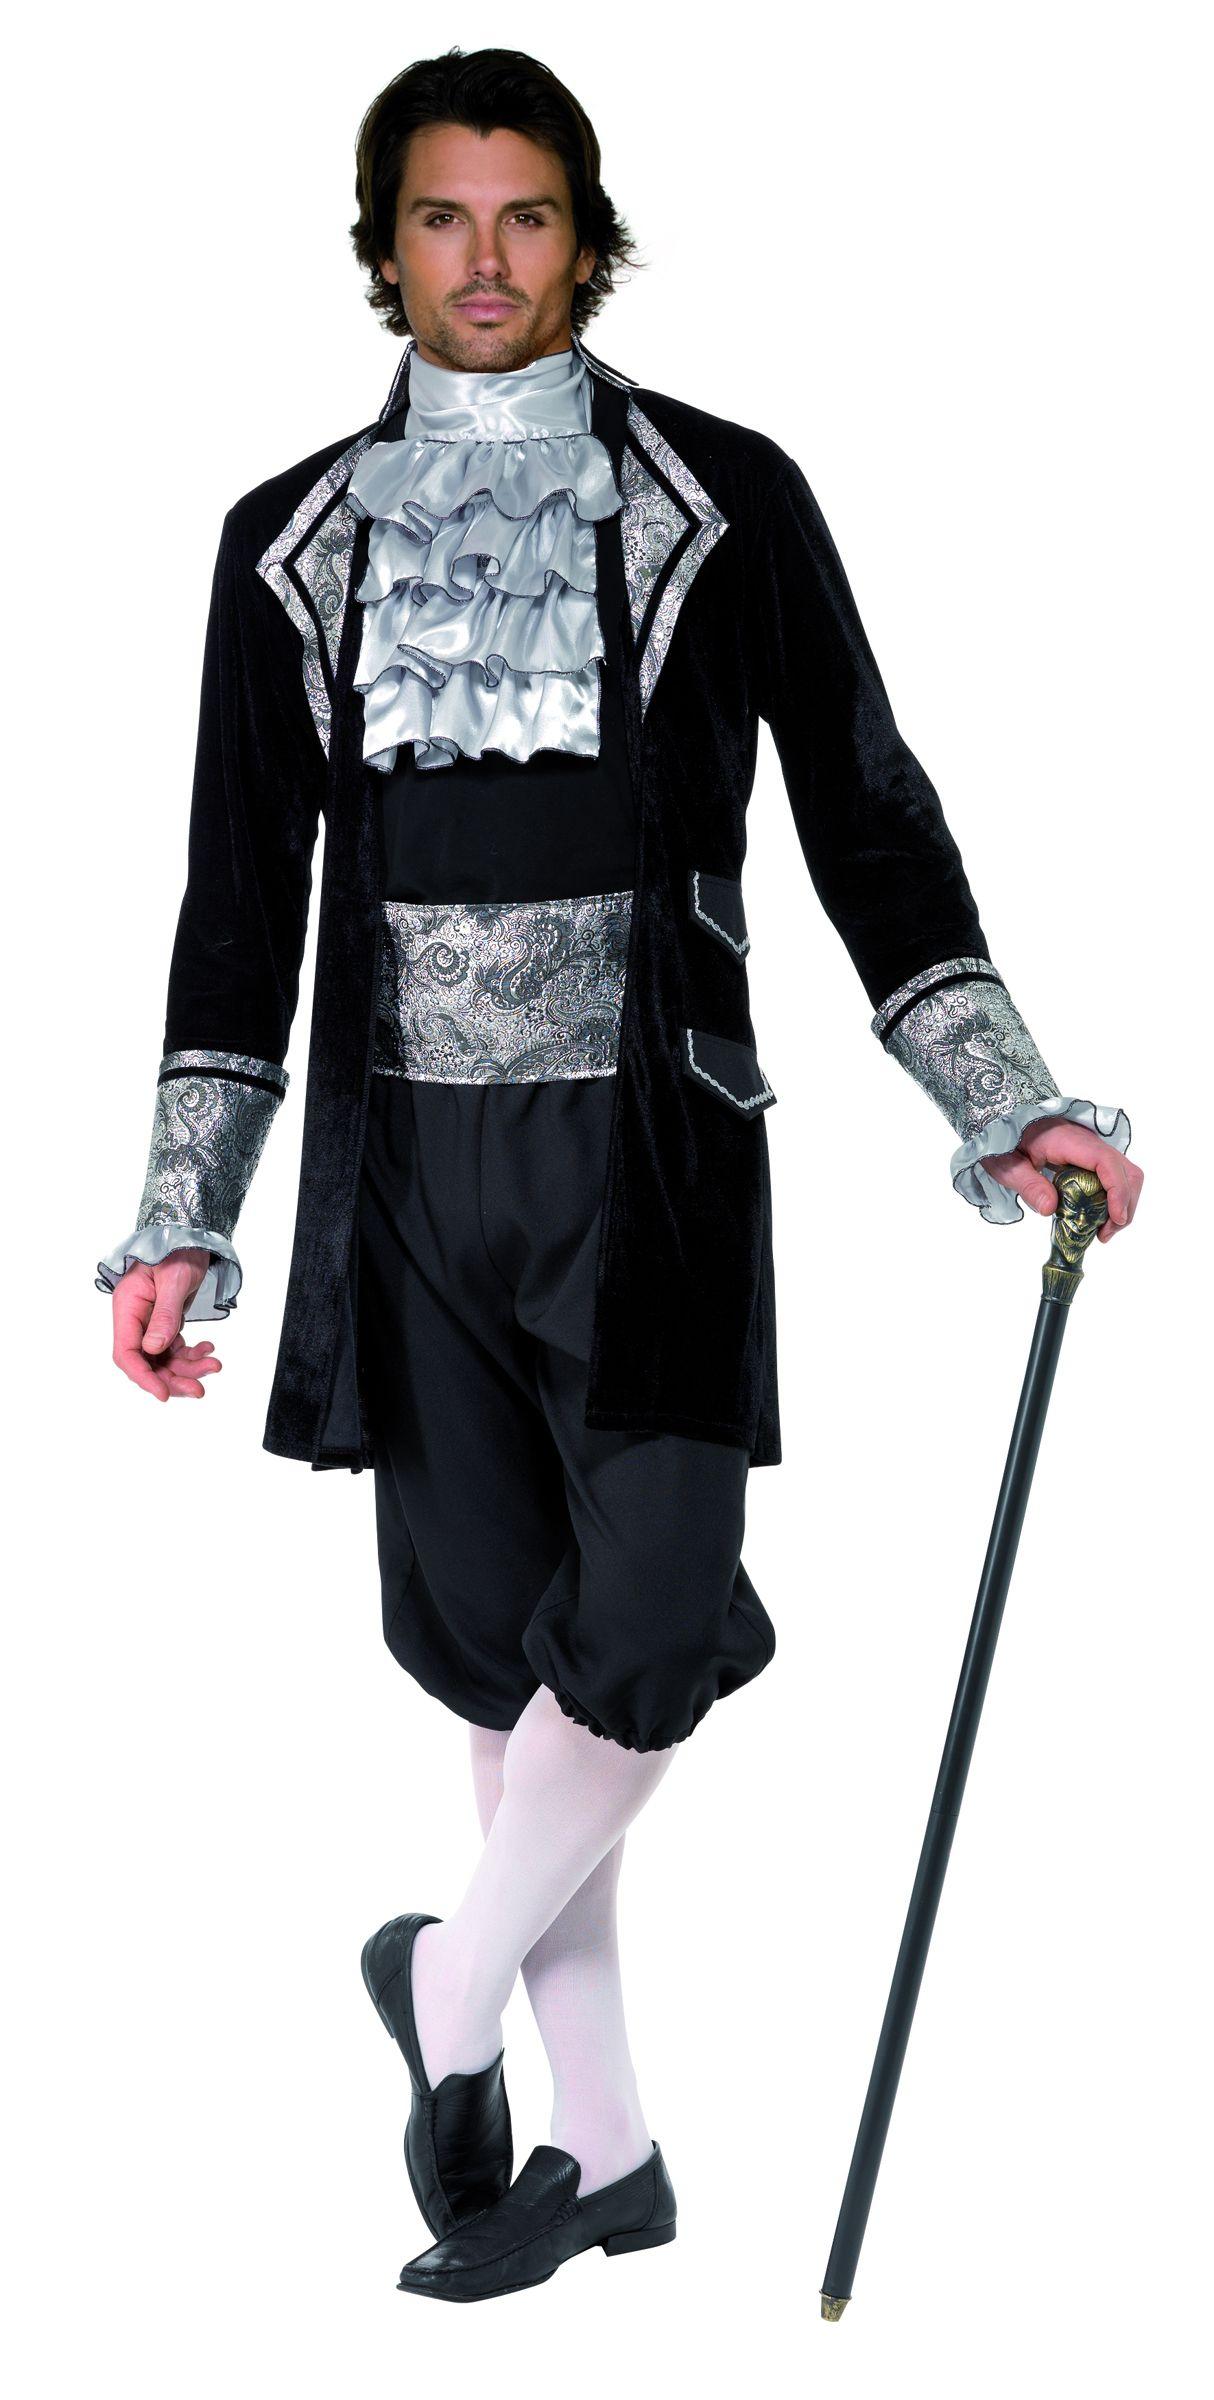 85f4a5319ba9 Costume vampiro barocco uomo Halloween  Lussuoso costume da vampiro per uomo  in stile barocco